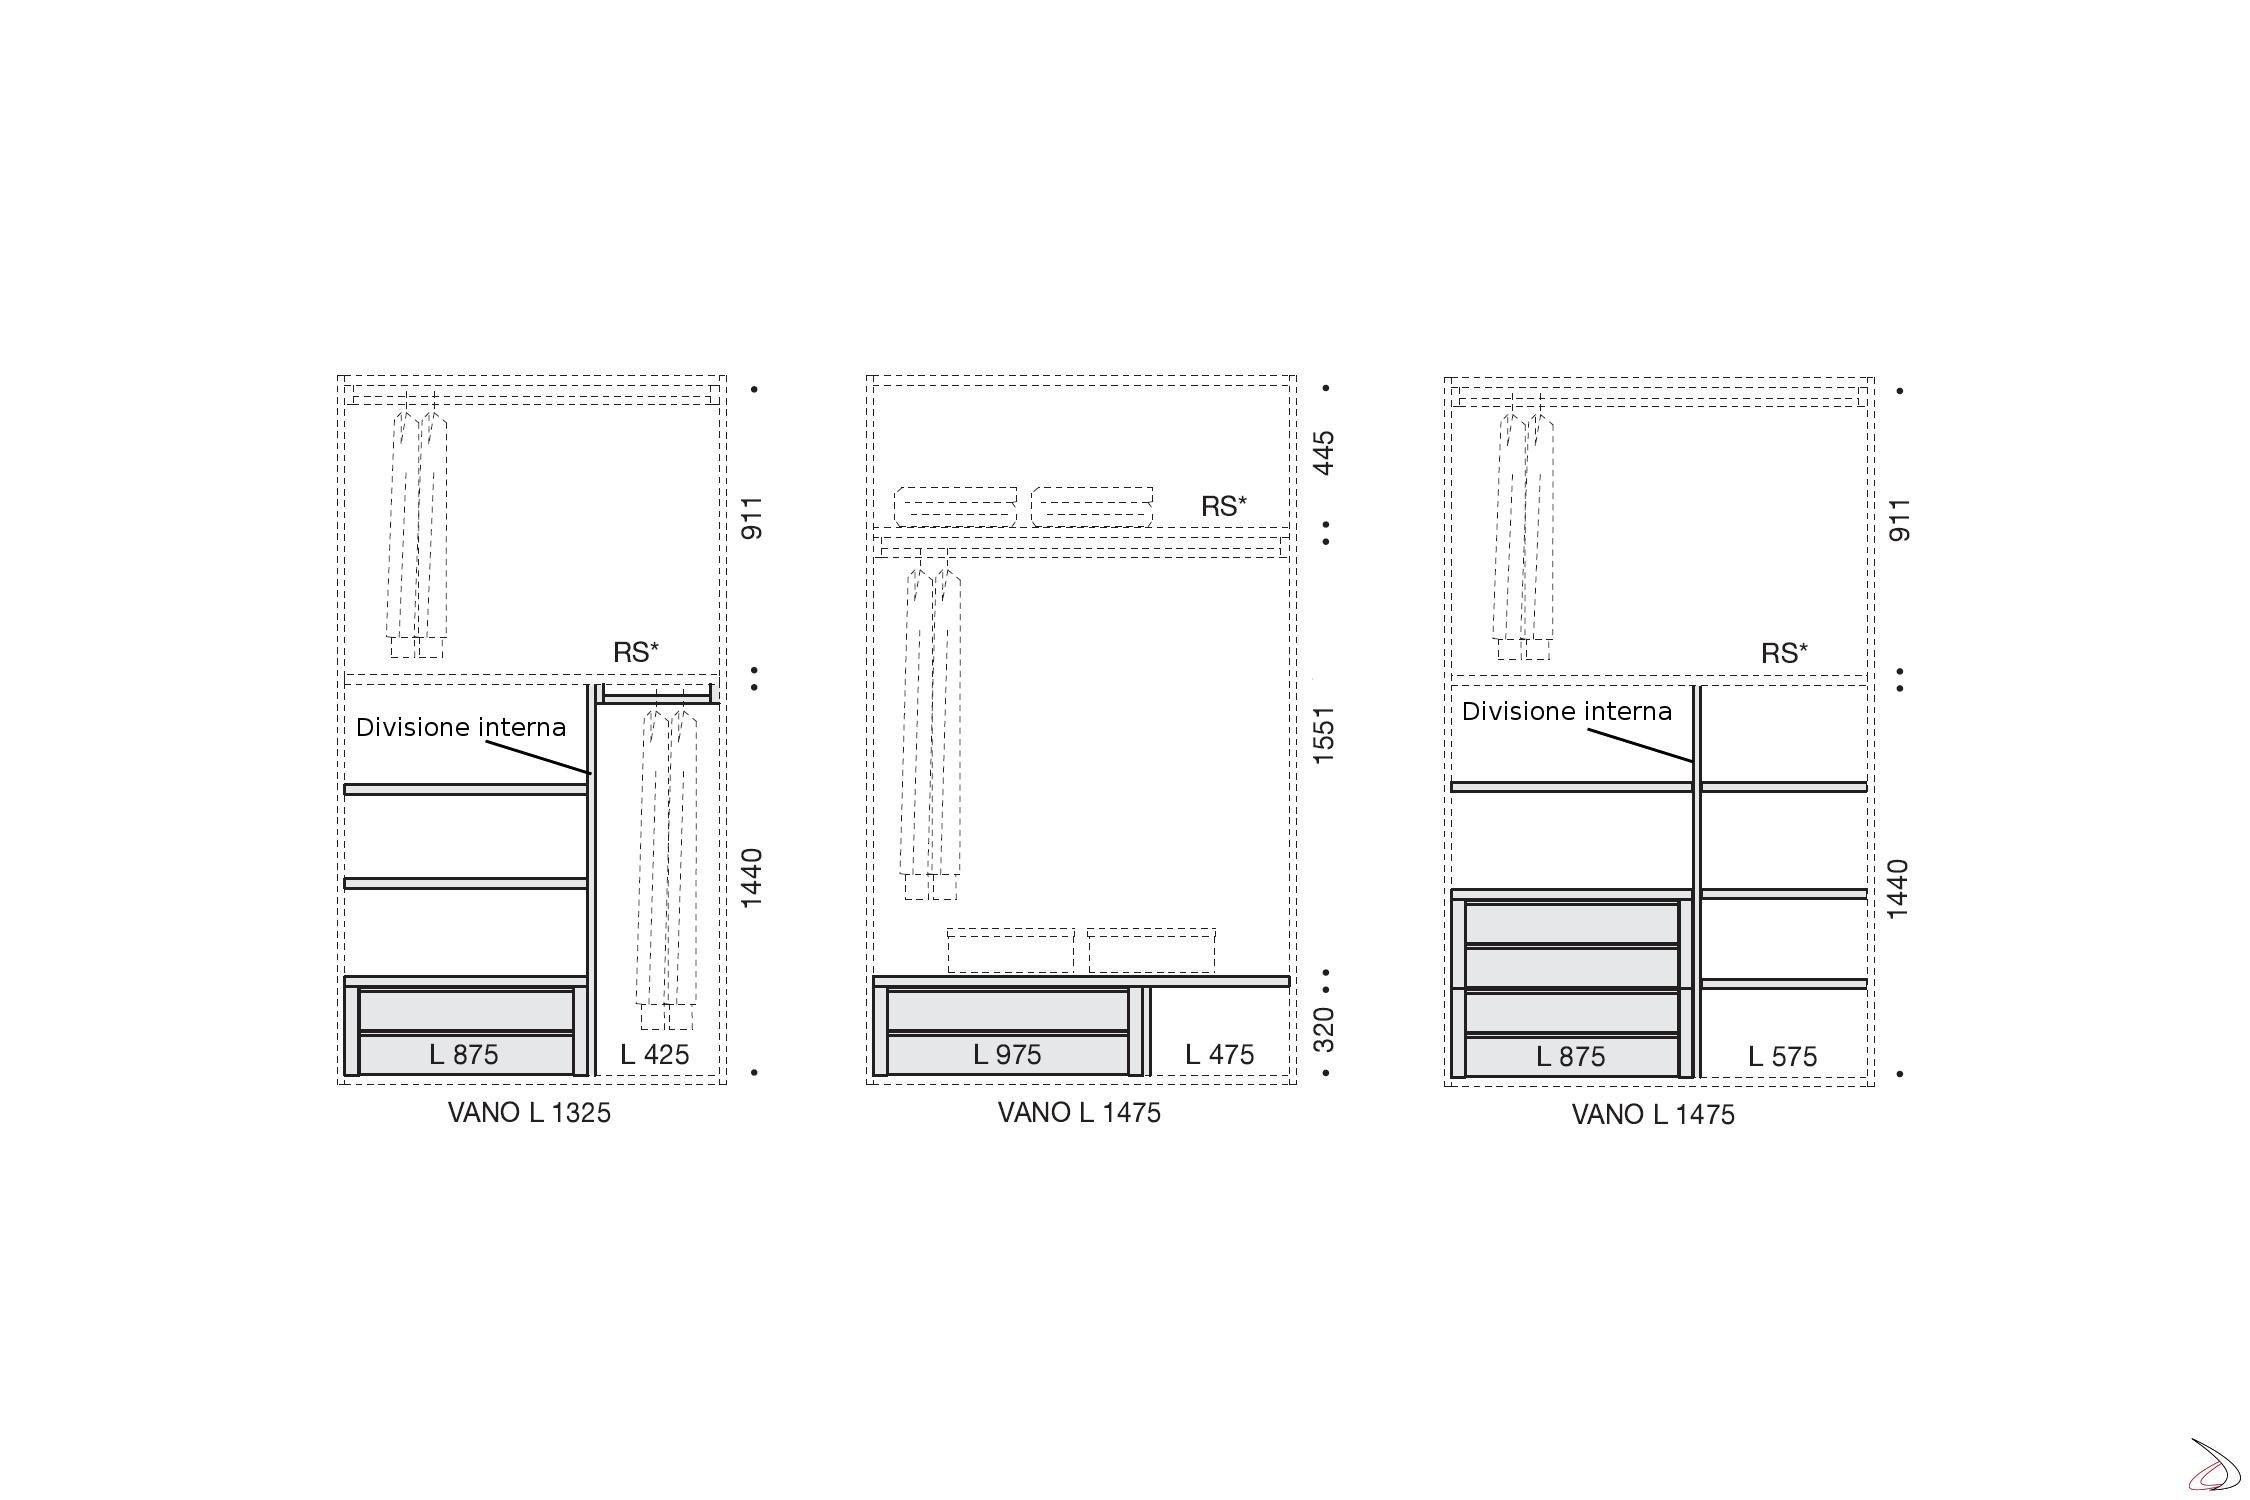 Dimensioni Cassettiere Interne Per Armadio.Armadio Scorrevole Su Misura Golf Toparredi Arredo Design Online